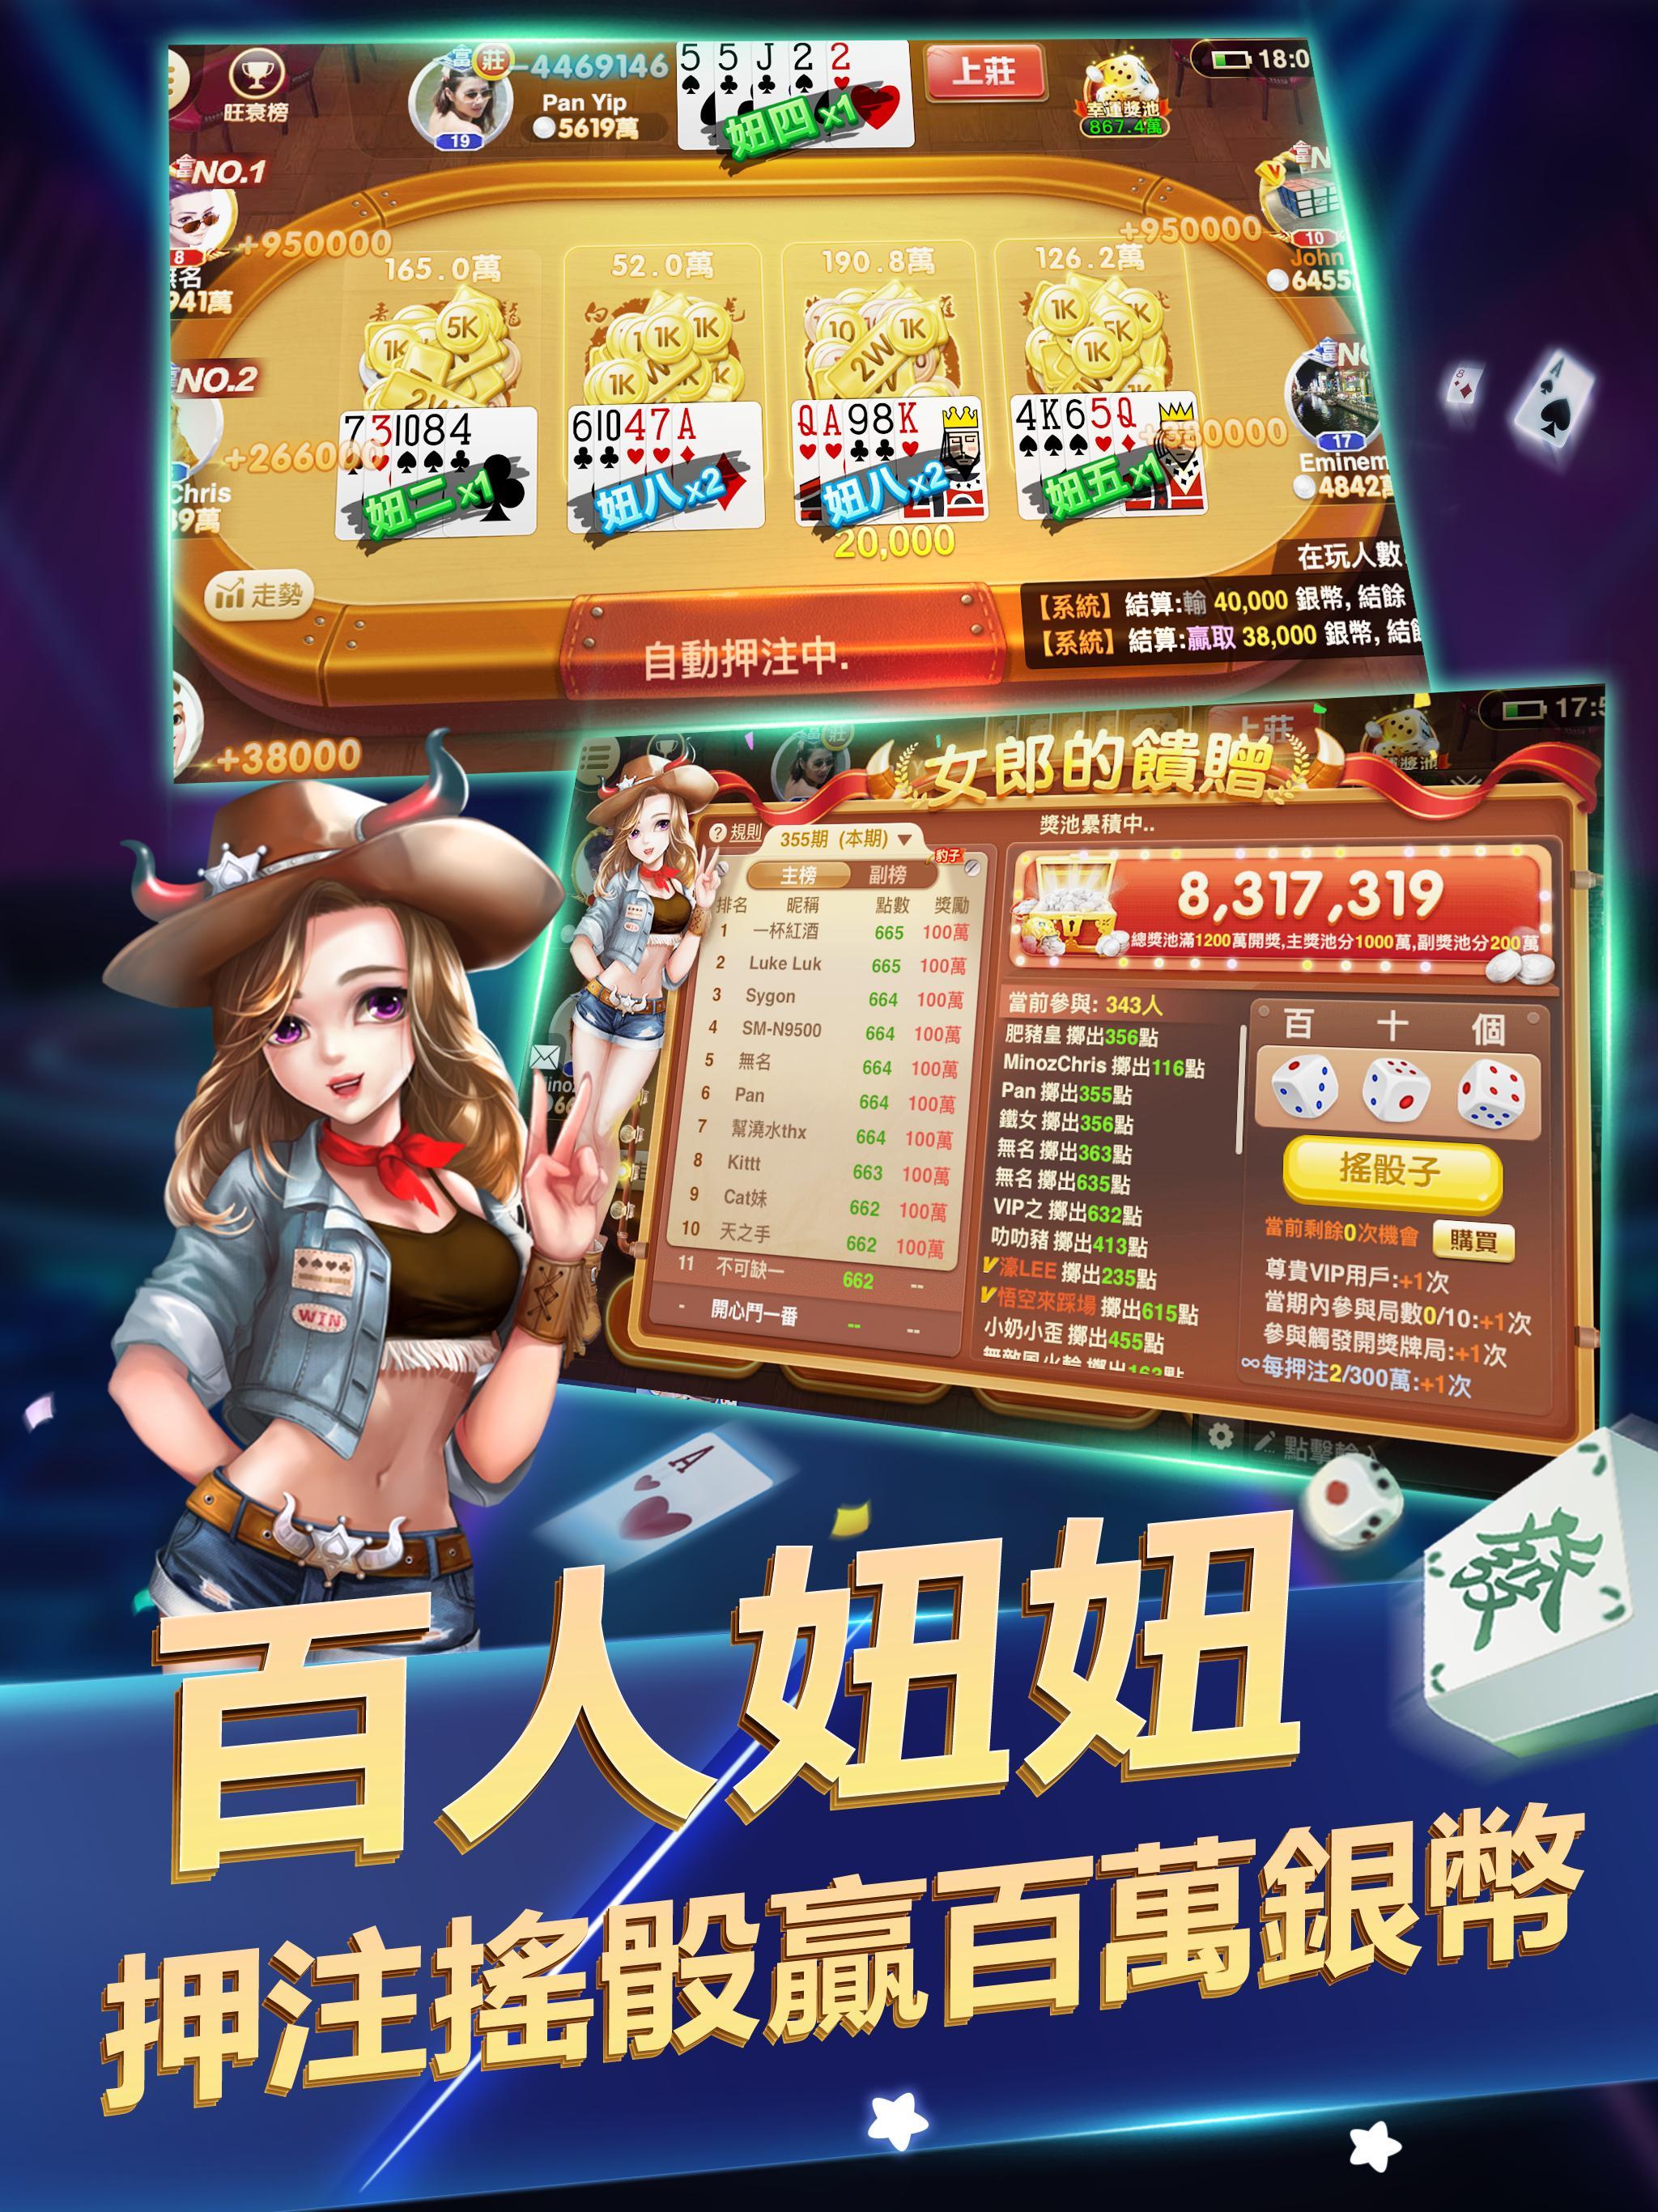 開心鬥一番 港式麻雀 跑馬仔 鋤大D等5 IN 1 3.6.4 Screenshot 18